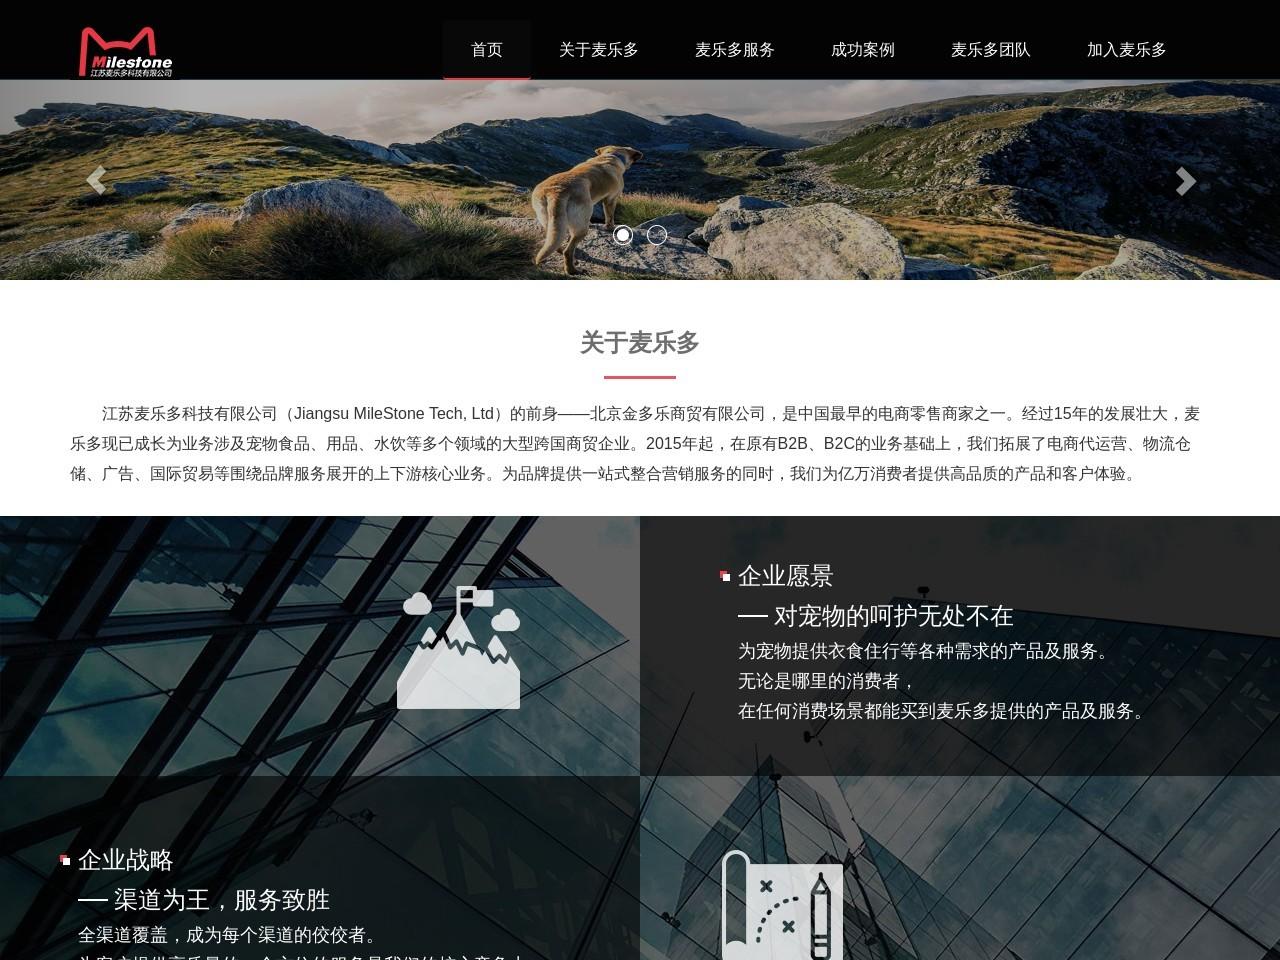 江苏麦乐多科技有限公司